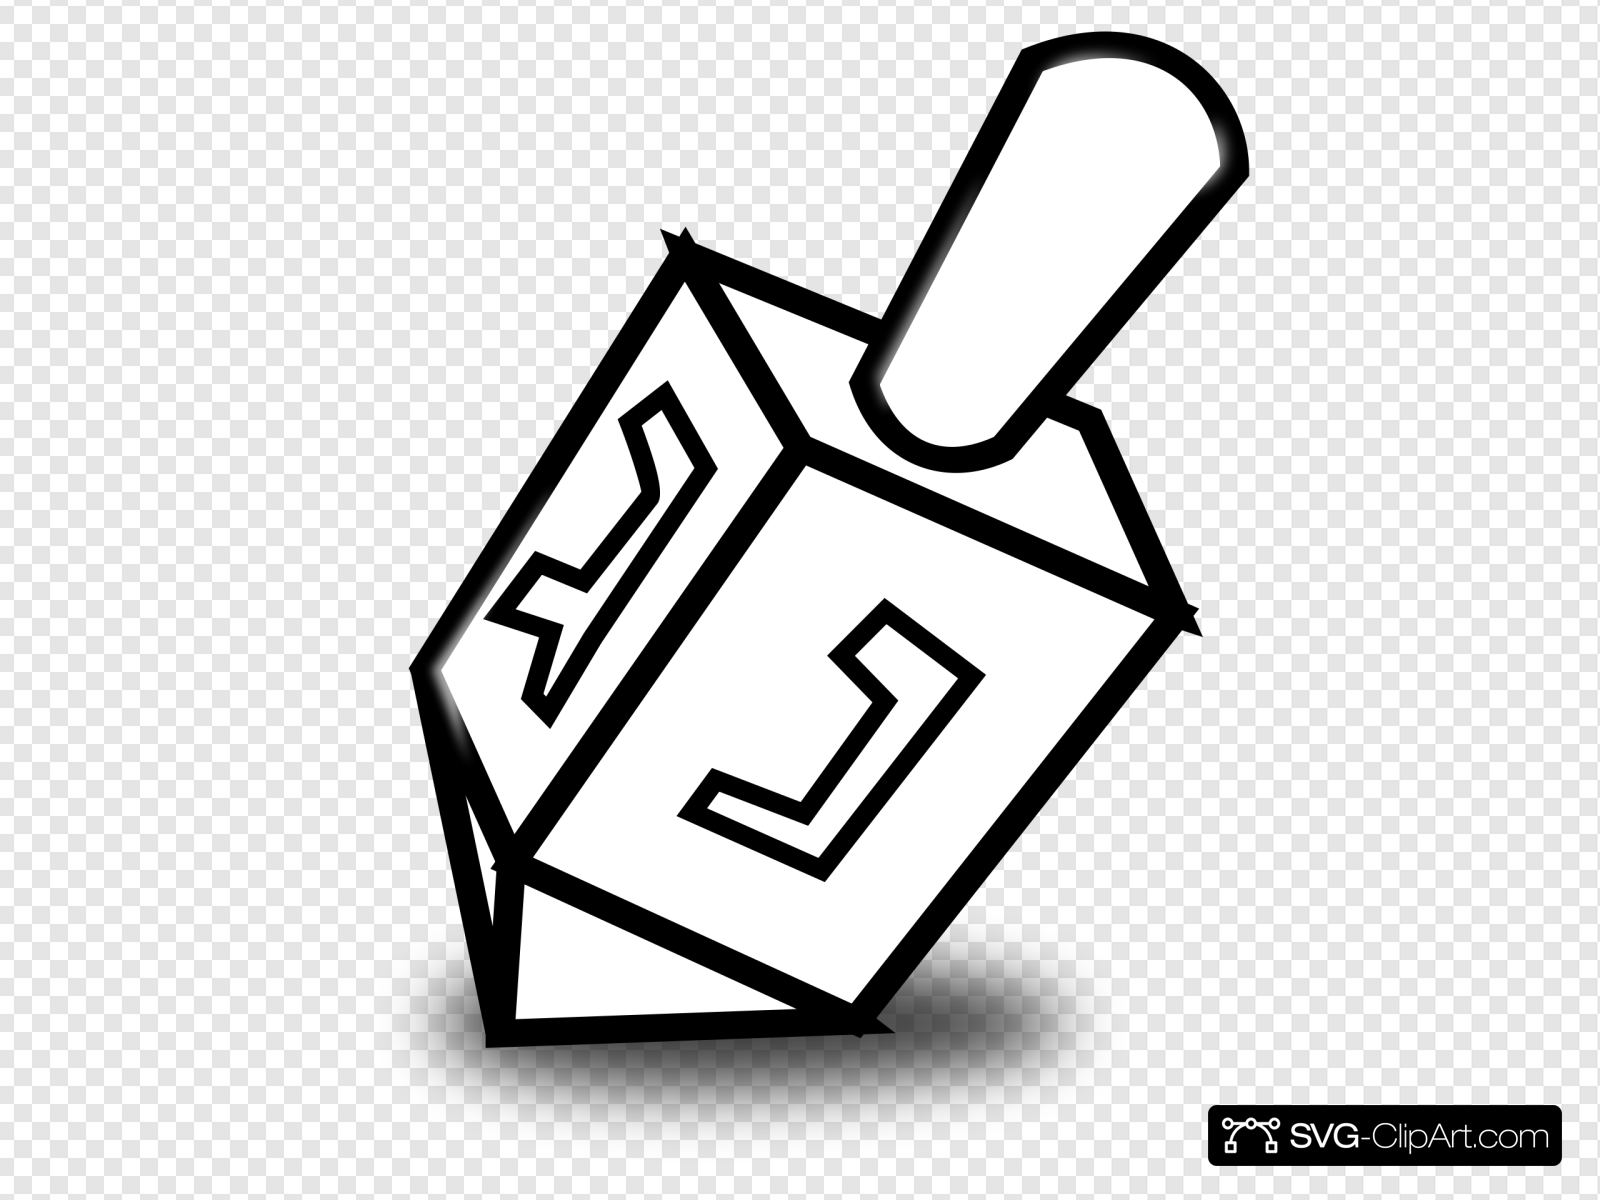 Dreidel clipart svg. Clip art icon and